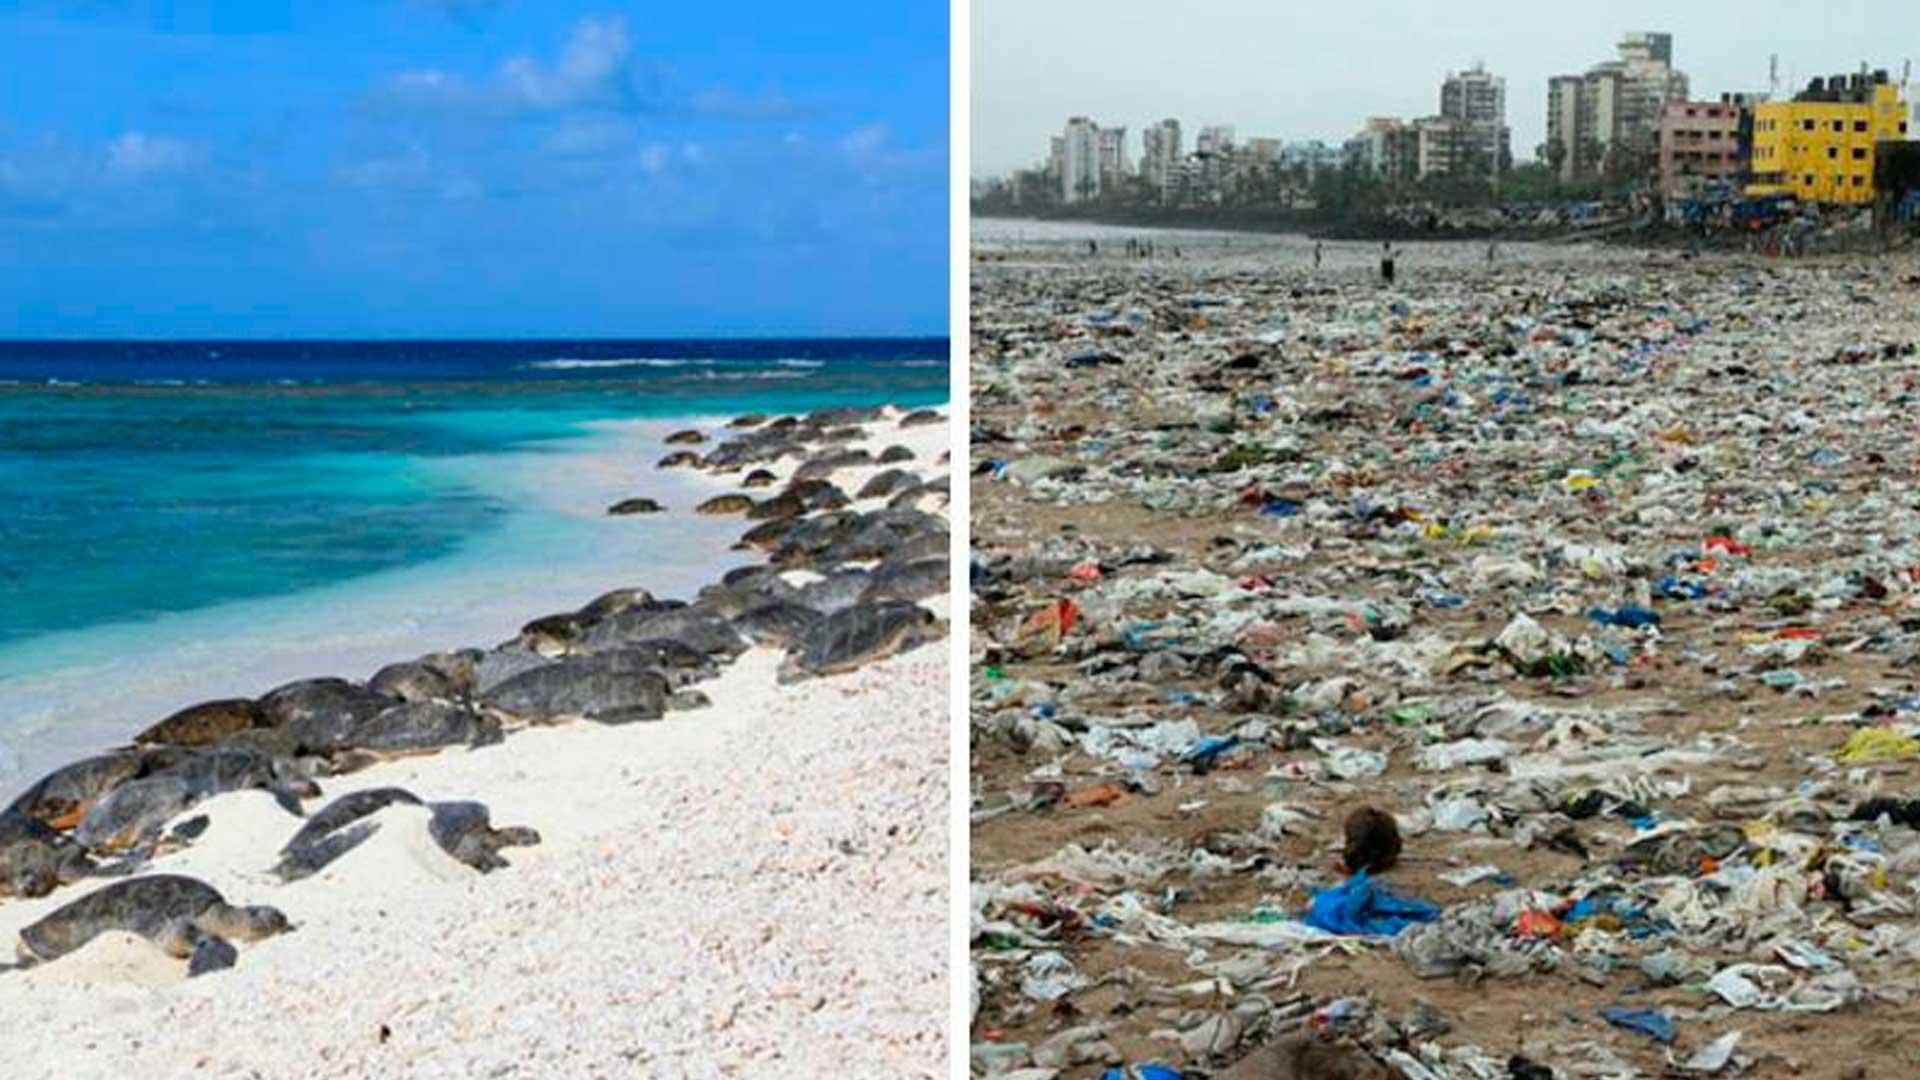 Por primera vez en 20 años, las tortugas regresan a Indian Beach después de una gran limpieza